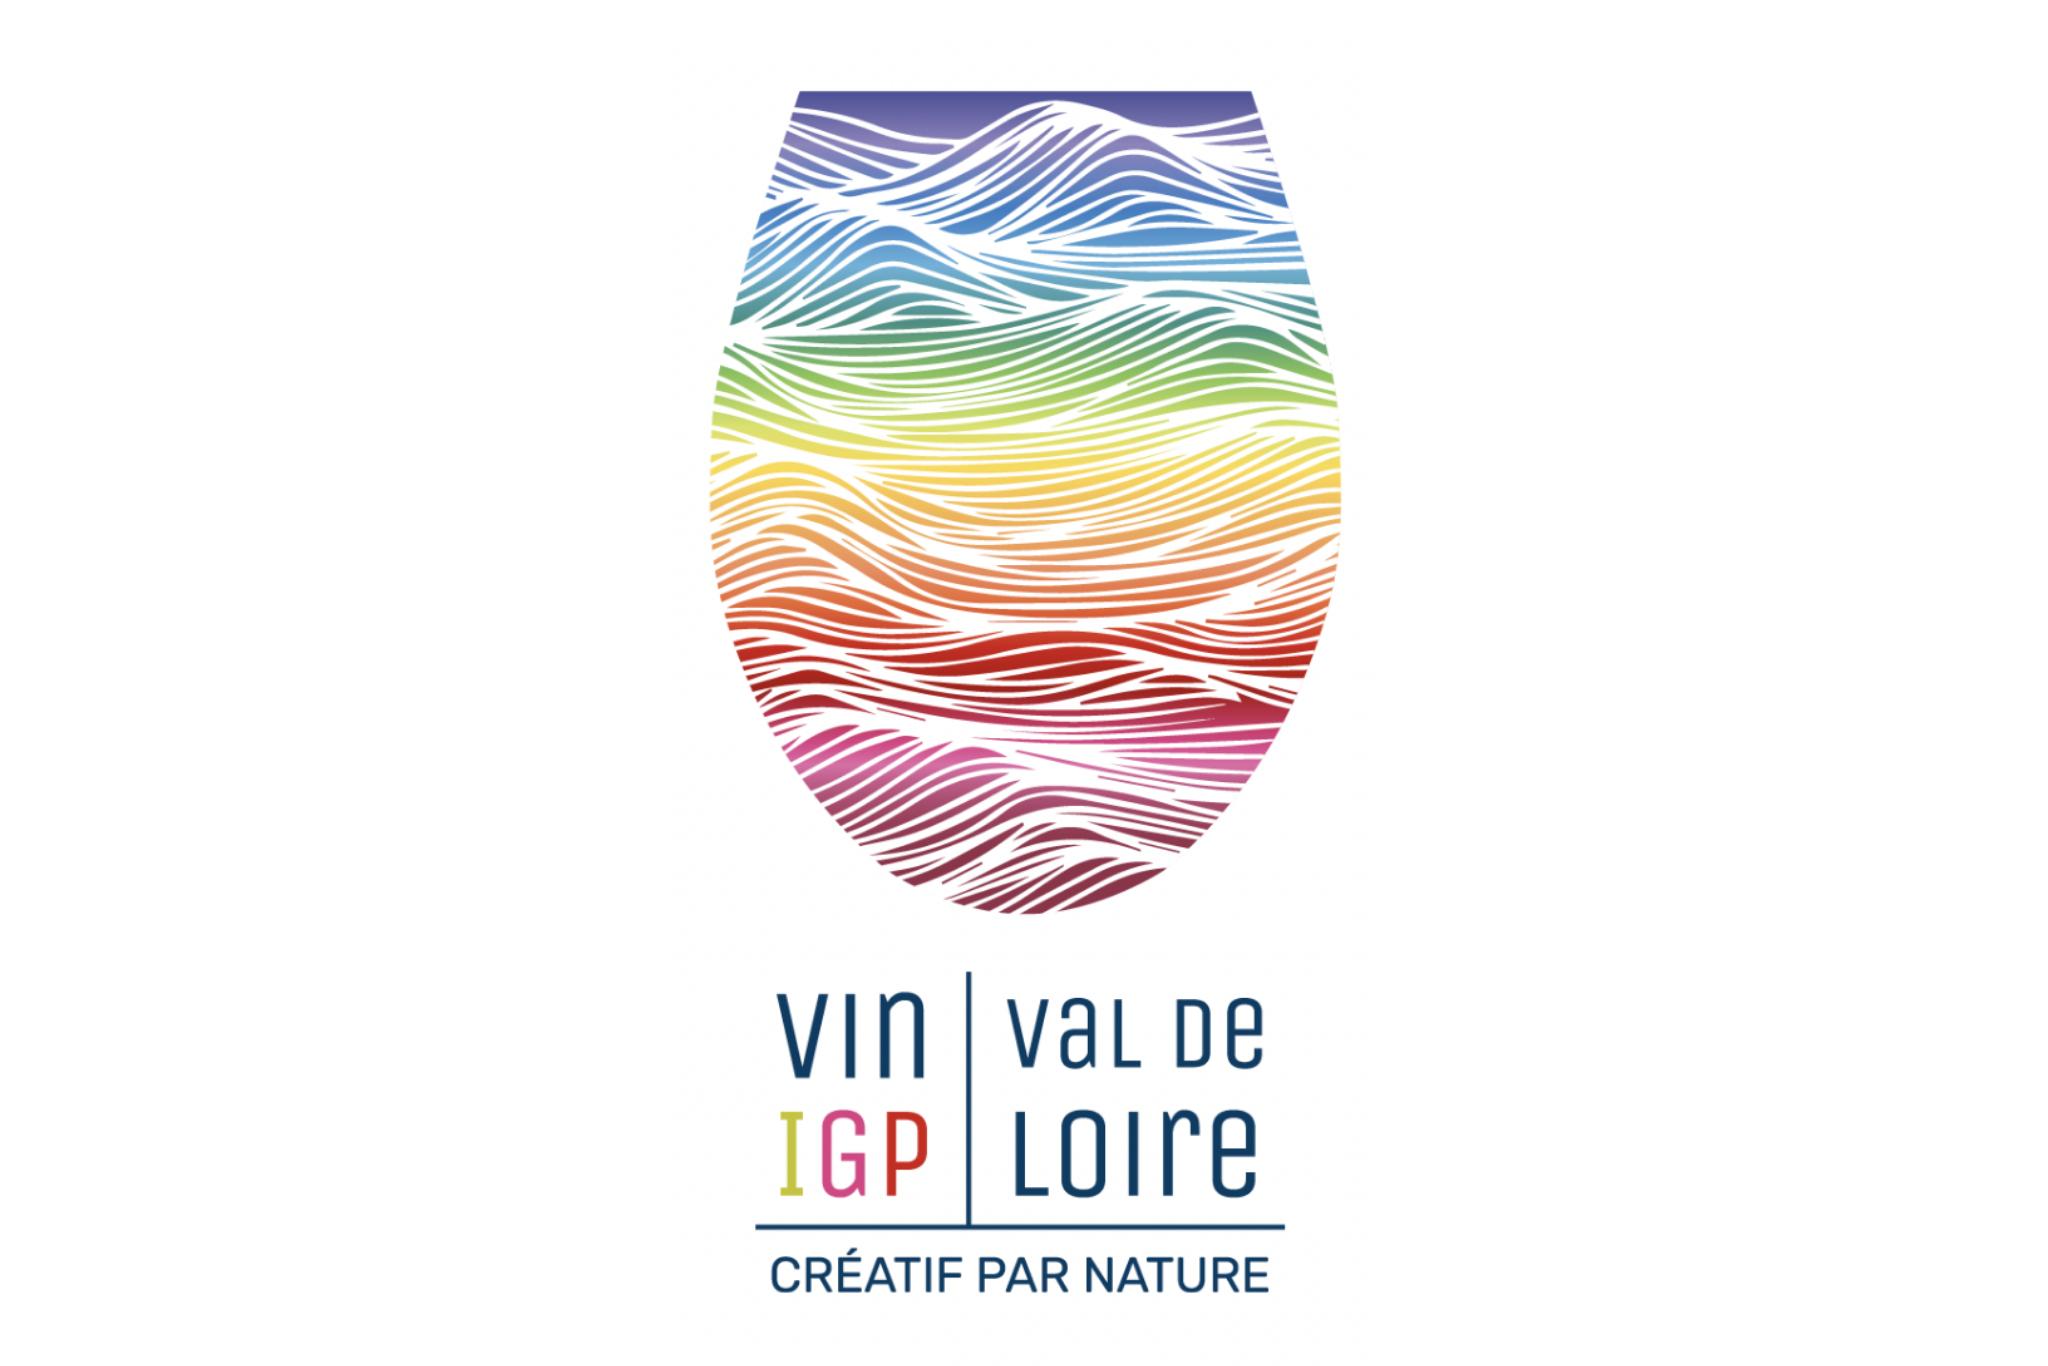 Syndicat des Vins IGP du Val de Loire – Stratégie Marketing et digitalisation de la communication